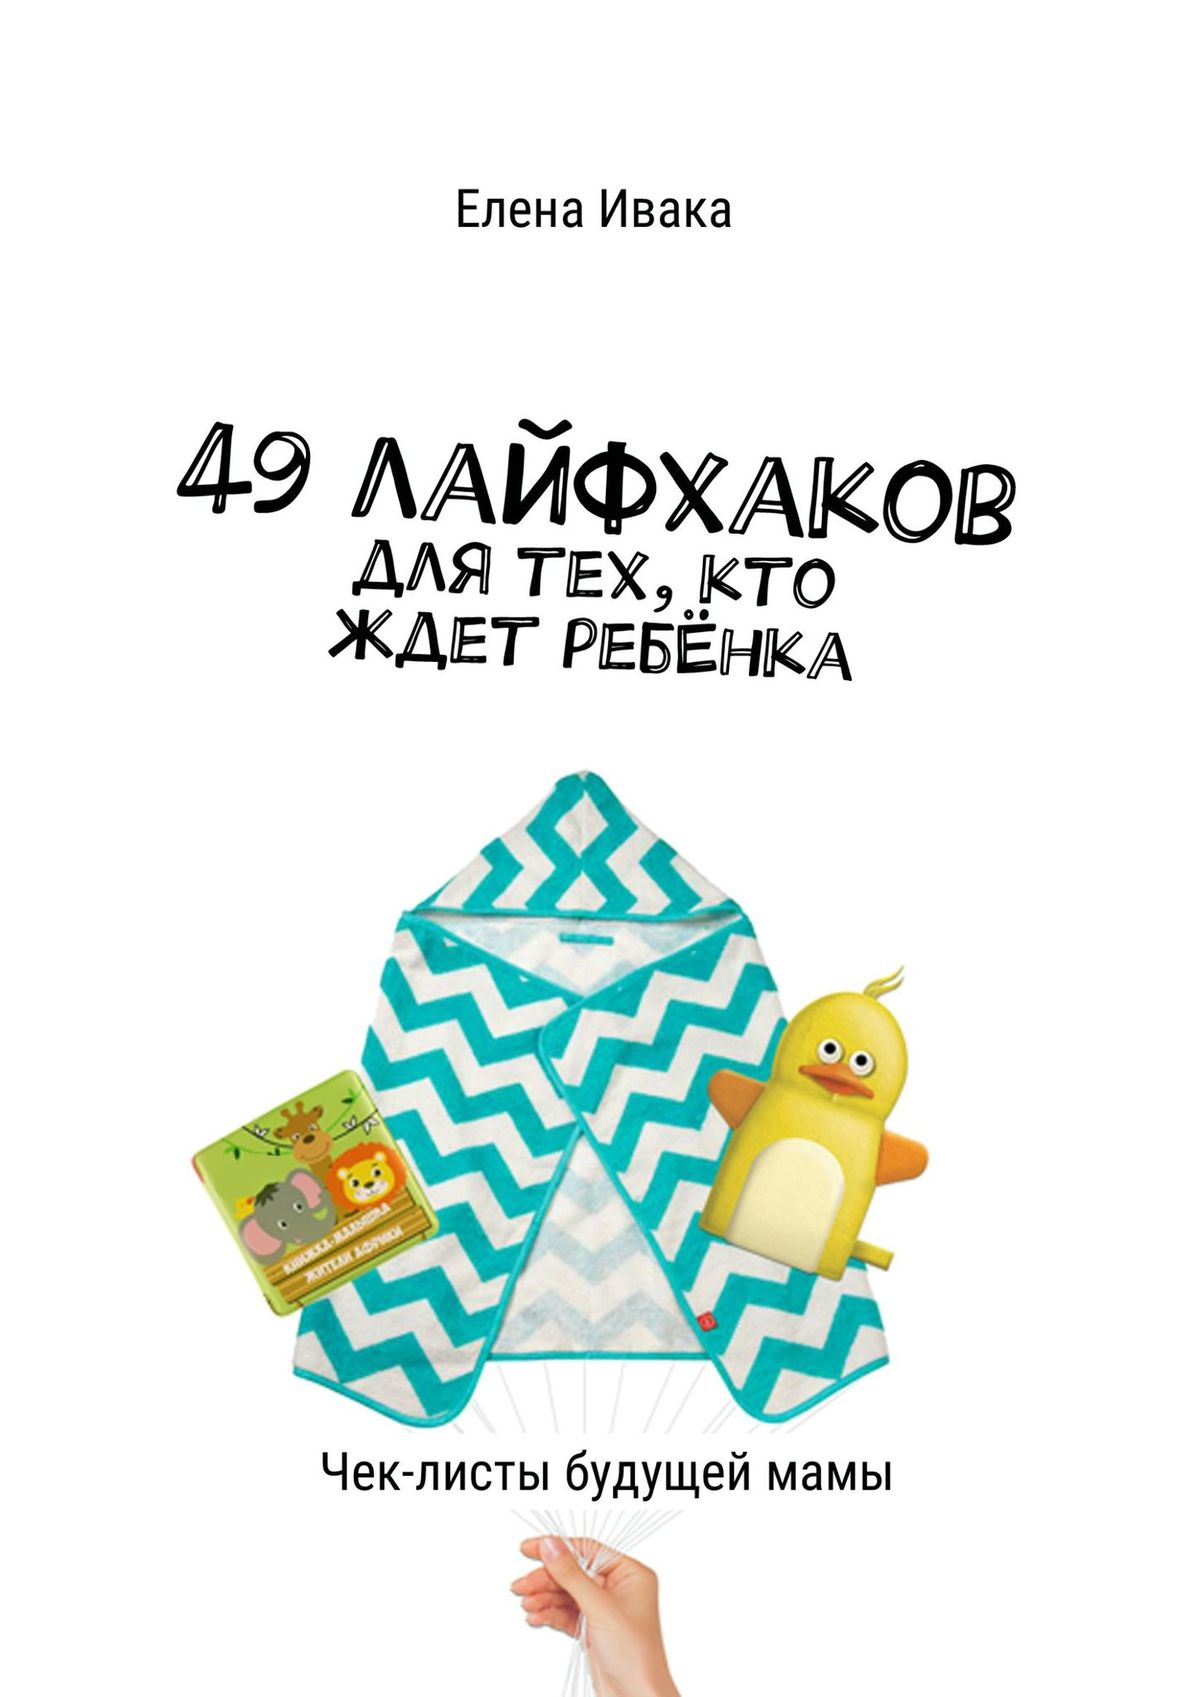 Елена Ивака 49лайфхаков для тех, кто ждет ребёнка. Чек-листы будущеймамы лубнин д м добрая книга для будущей мамы позитивное руководство для тех кто хочет ребенка